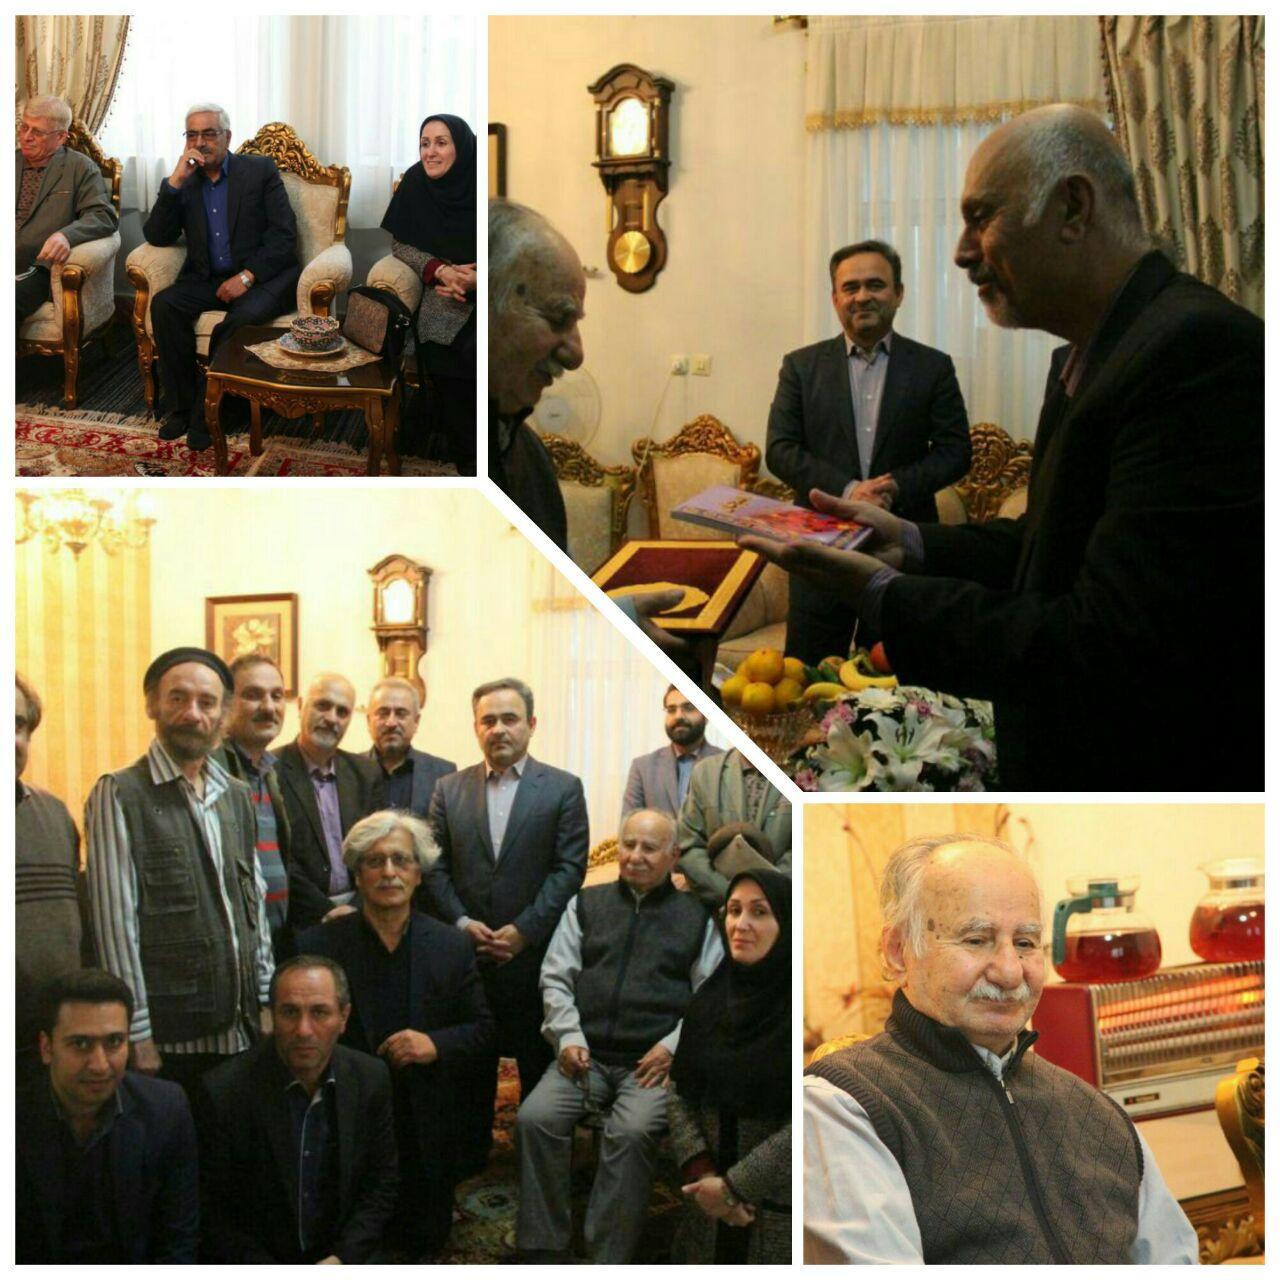    مهندس جانبازی:رییس اداره فرهنگ و ارشادشهرستان لاهیجان ،ازمدیران موفق کشوری است